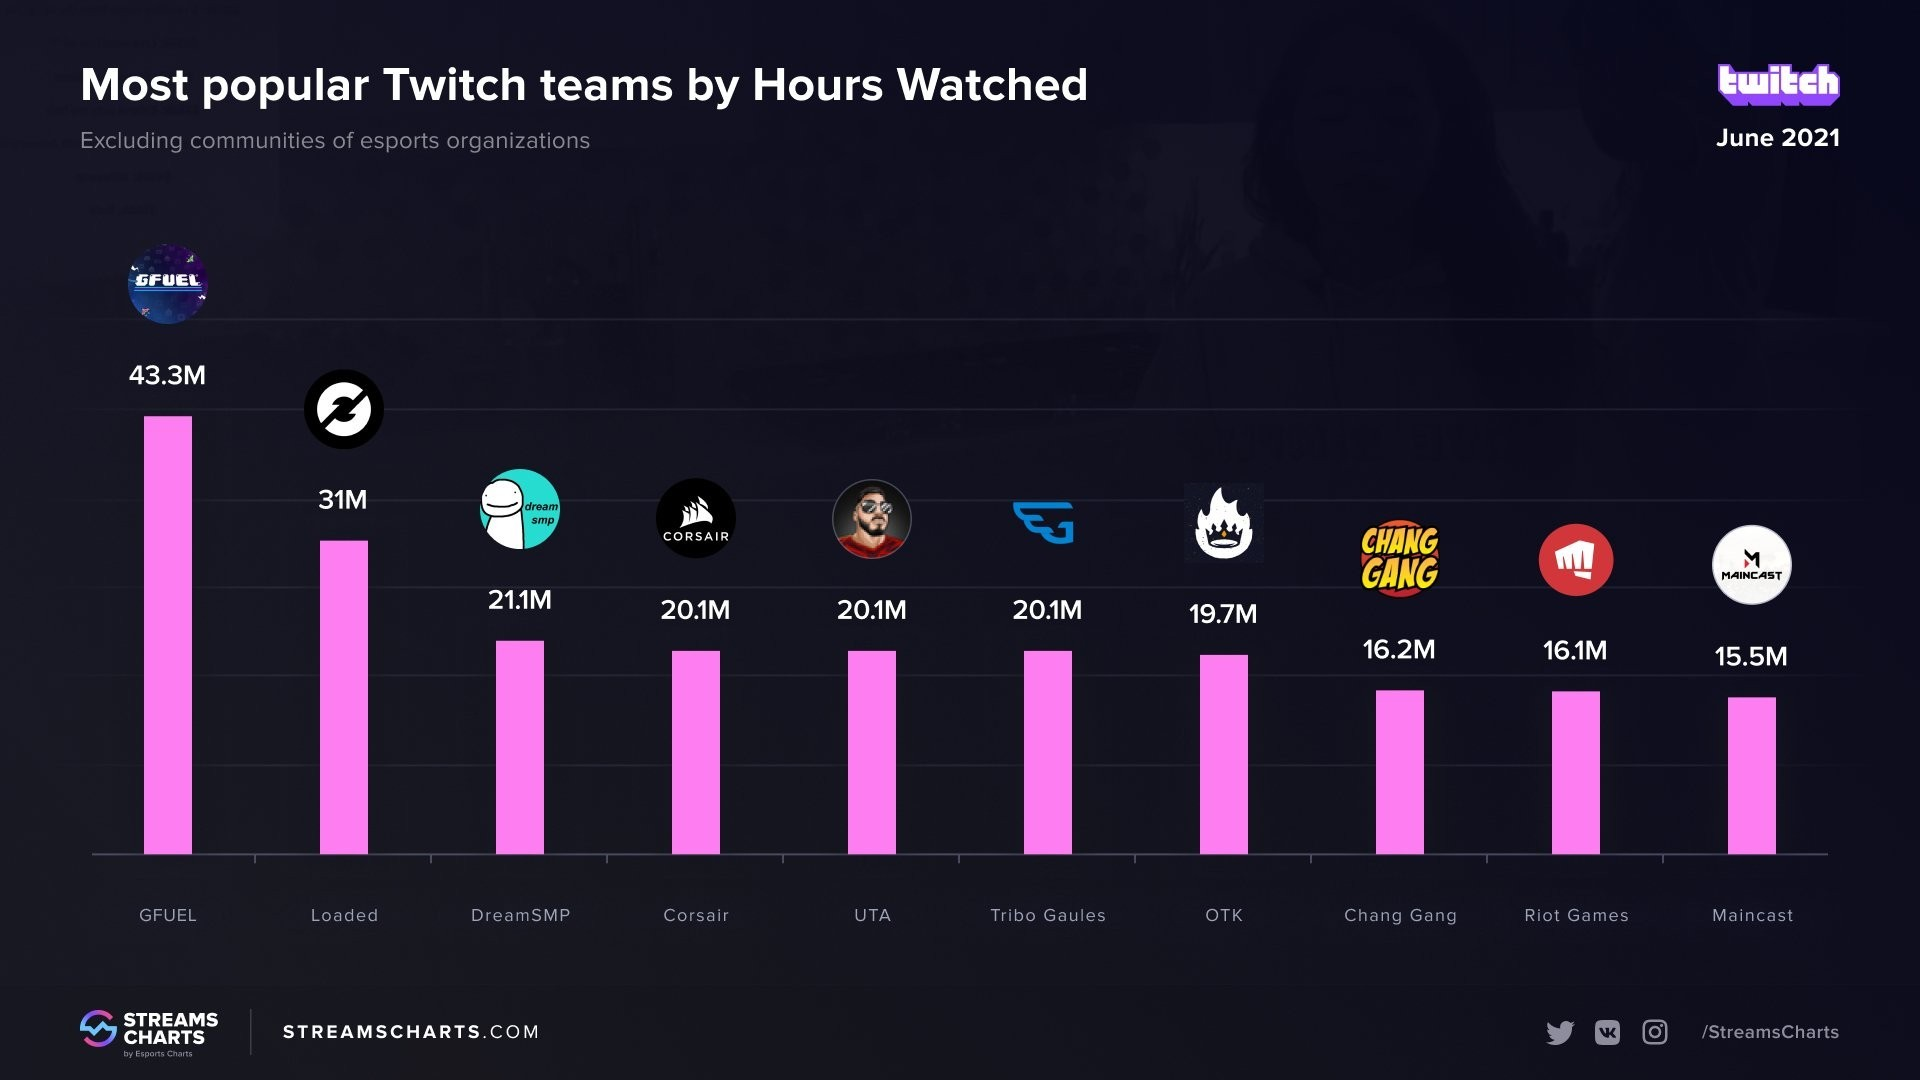 Студия Maincast вошла в топ10 популярных сообществ июня на Twitch